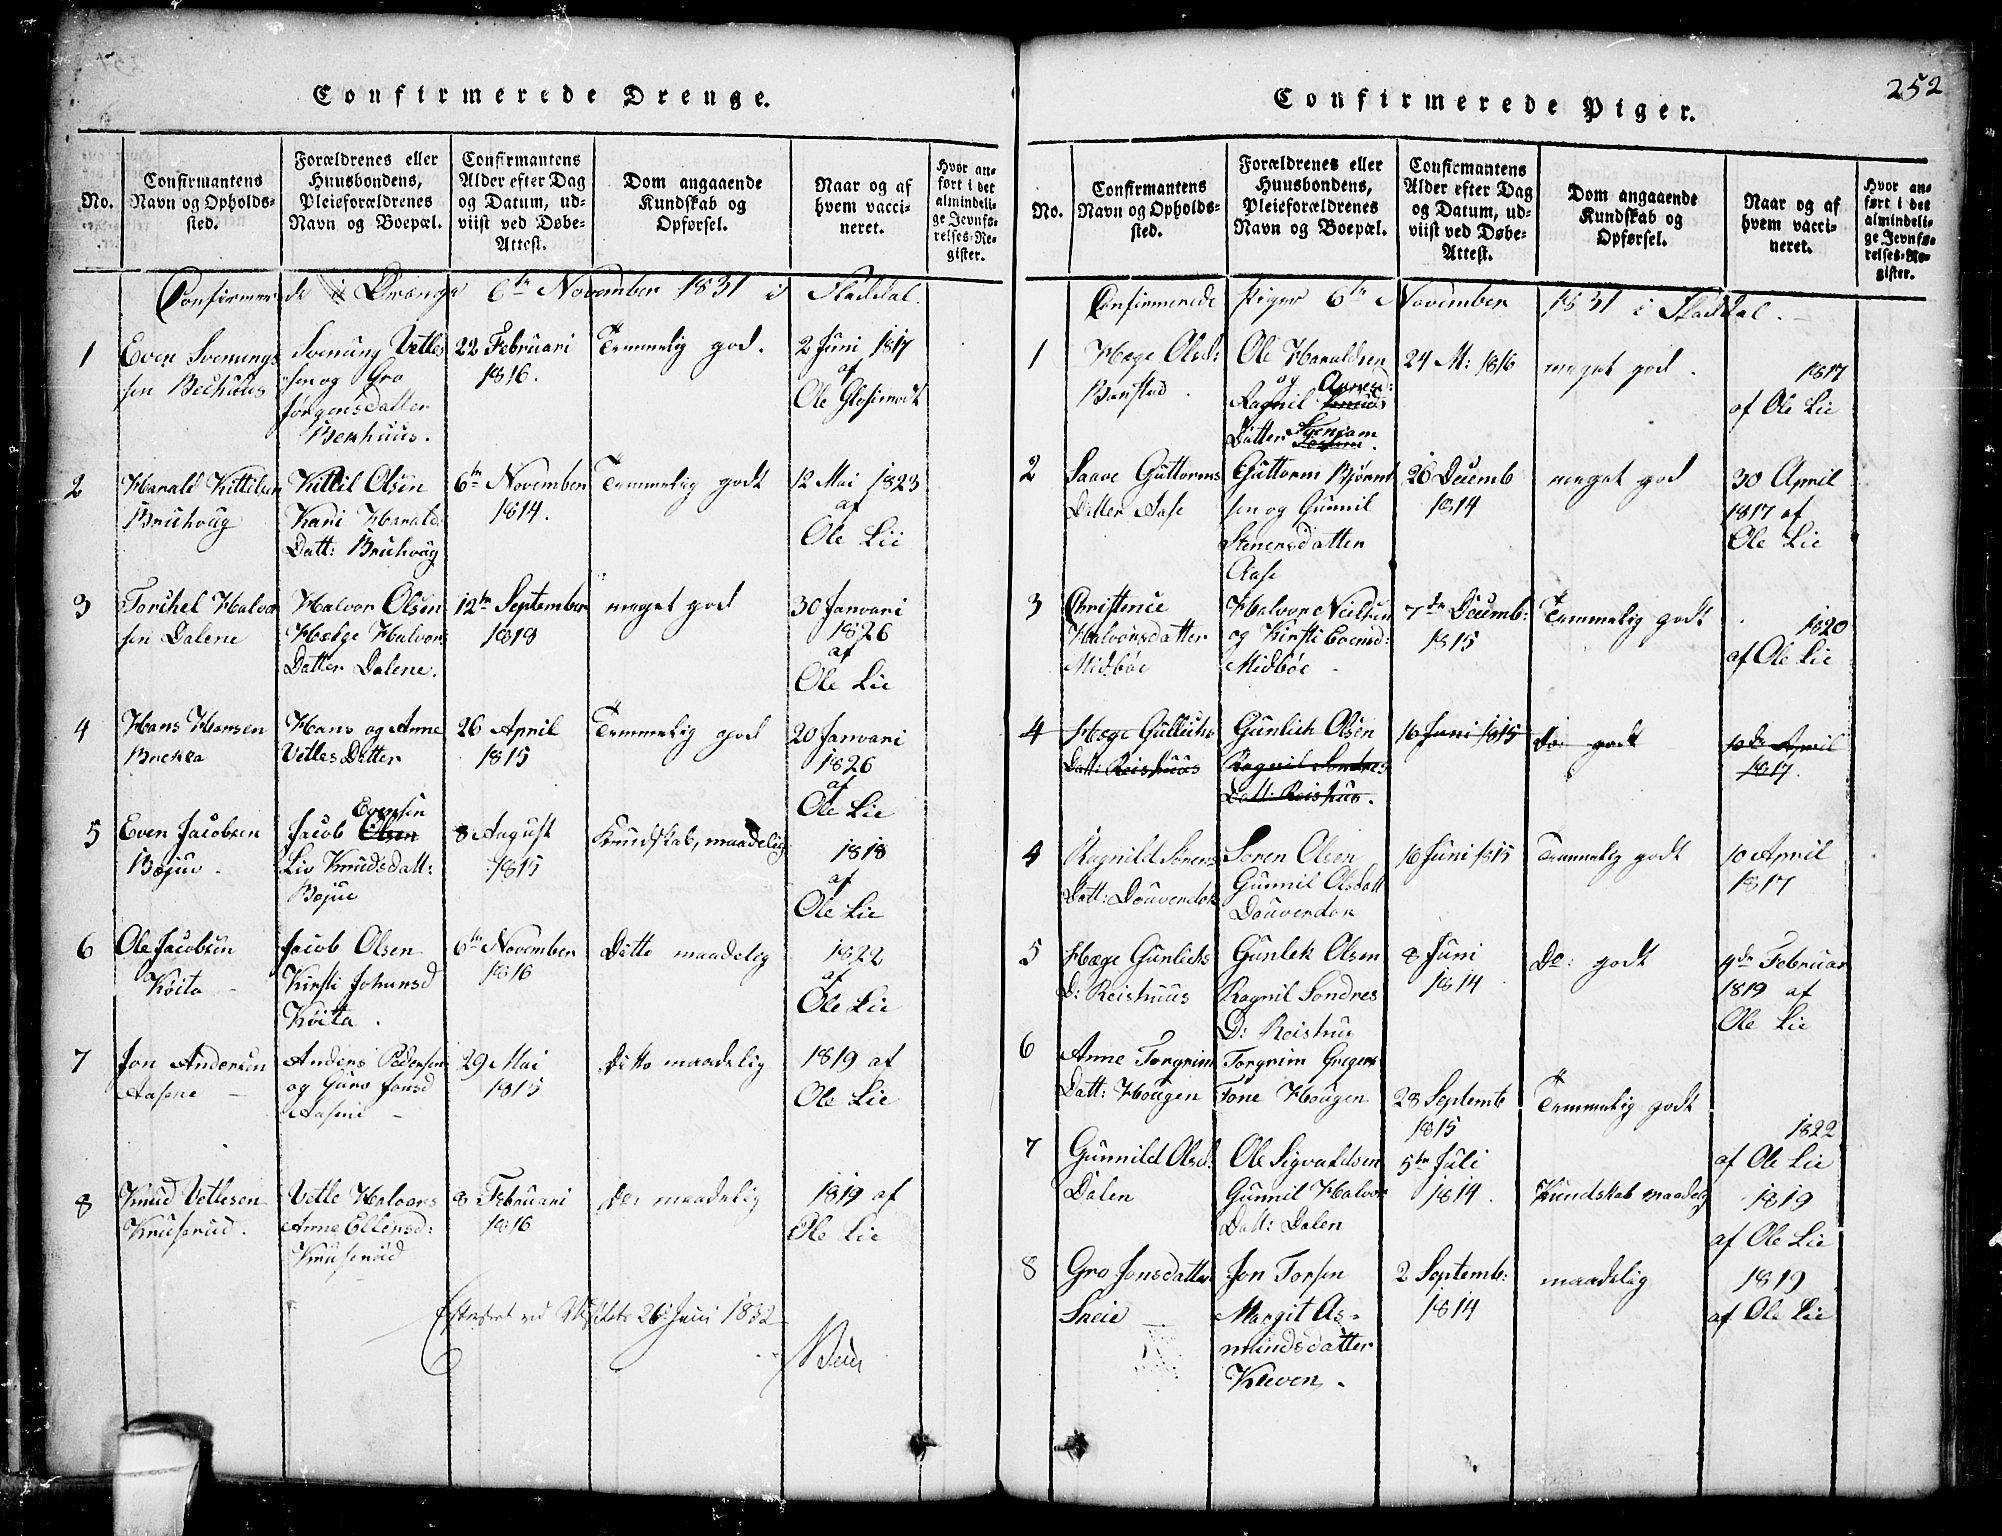 SAKO, Seljord kirkebøker, G/Gb/L0002: Klokkerbok nr. II 2, 1815-1854, s. 252